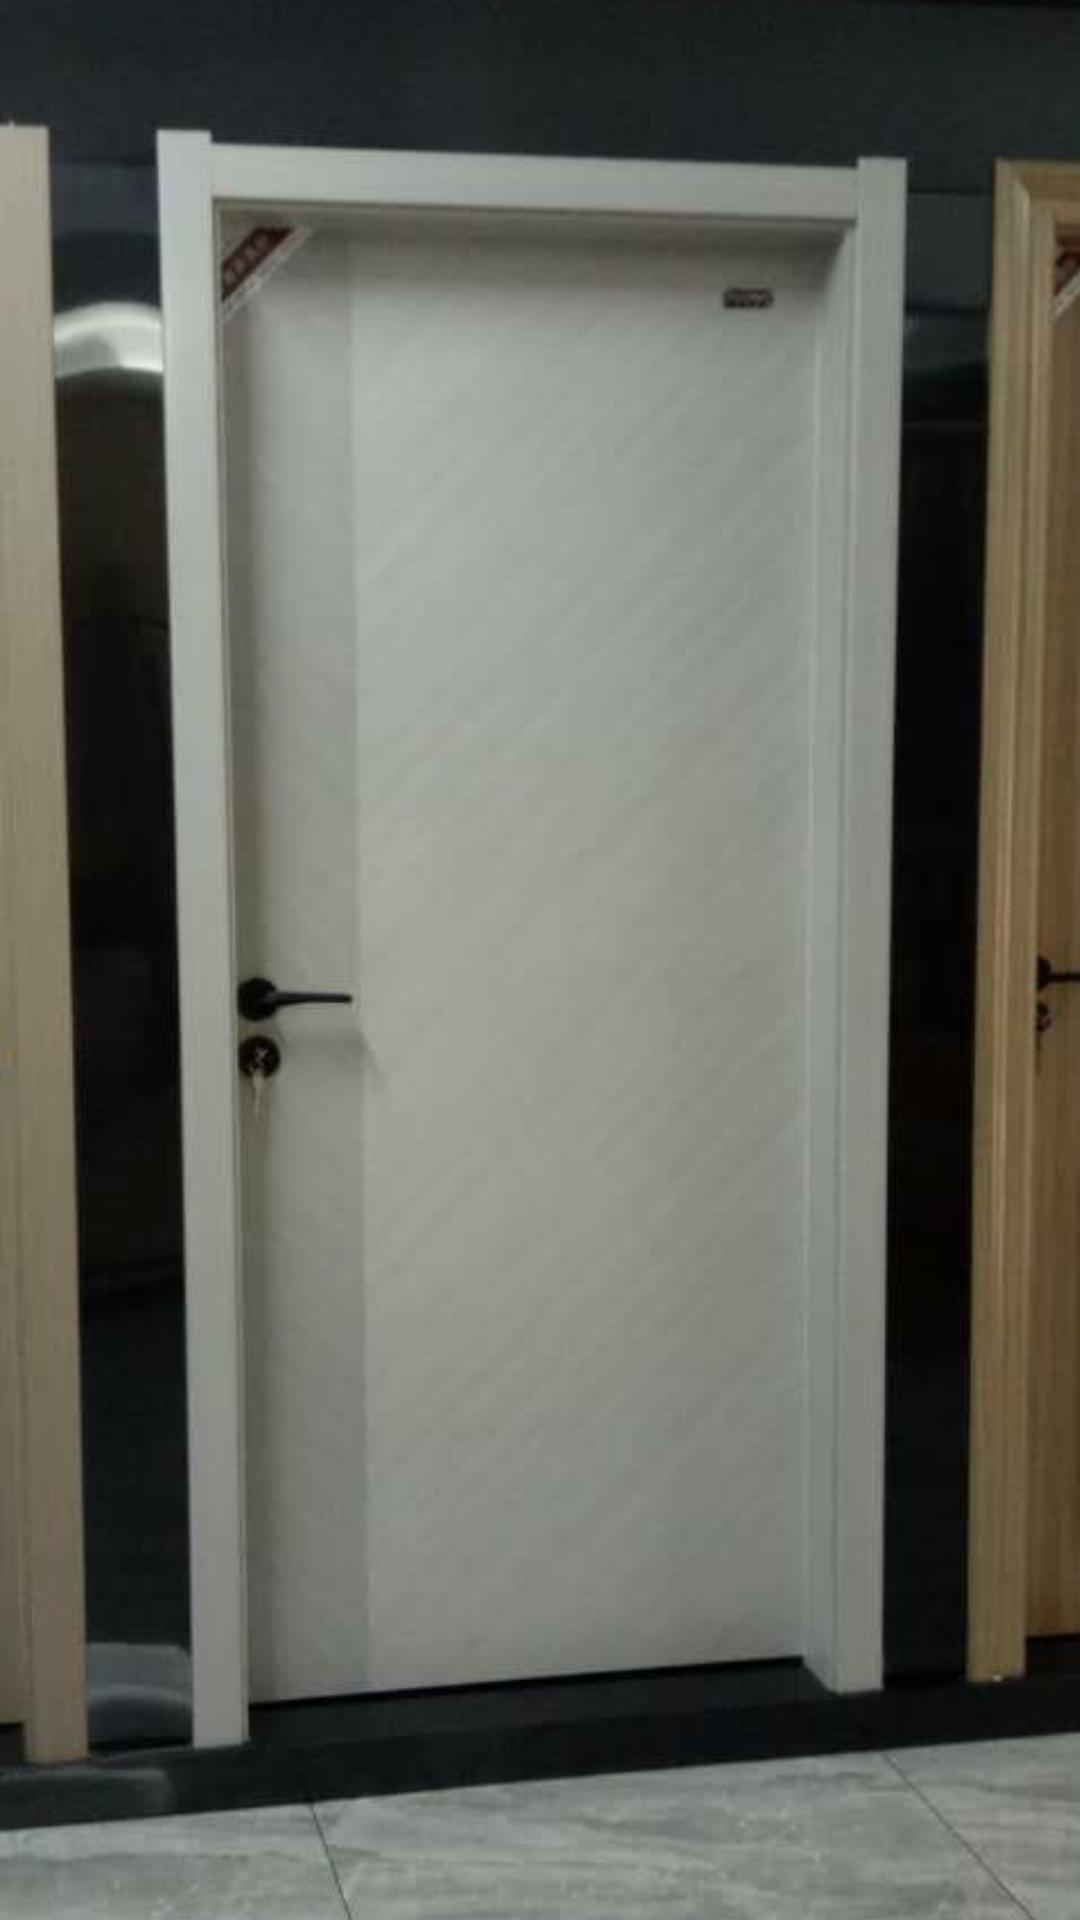 哪一个门好看哟